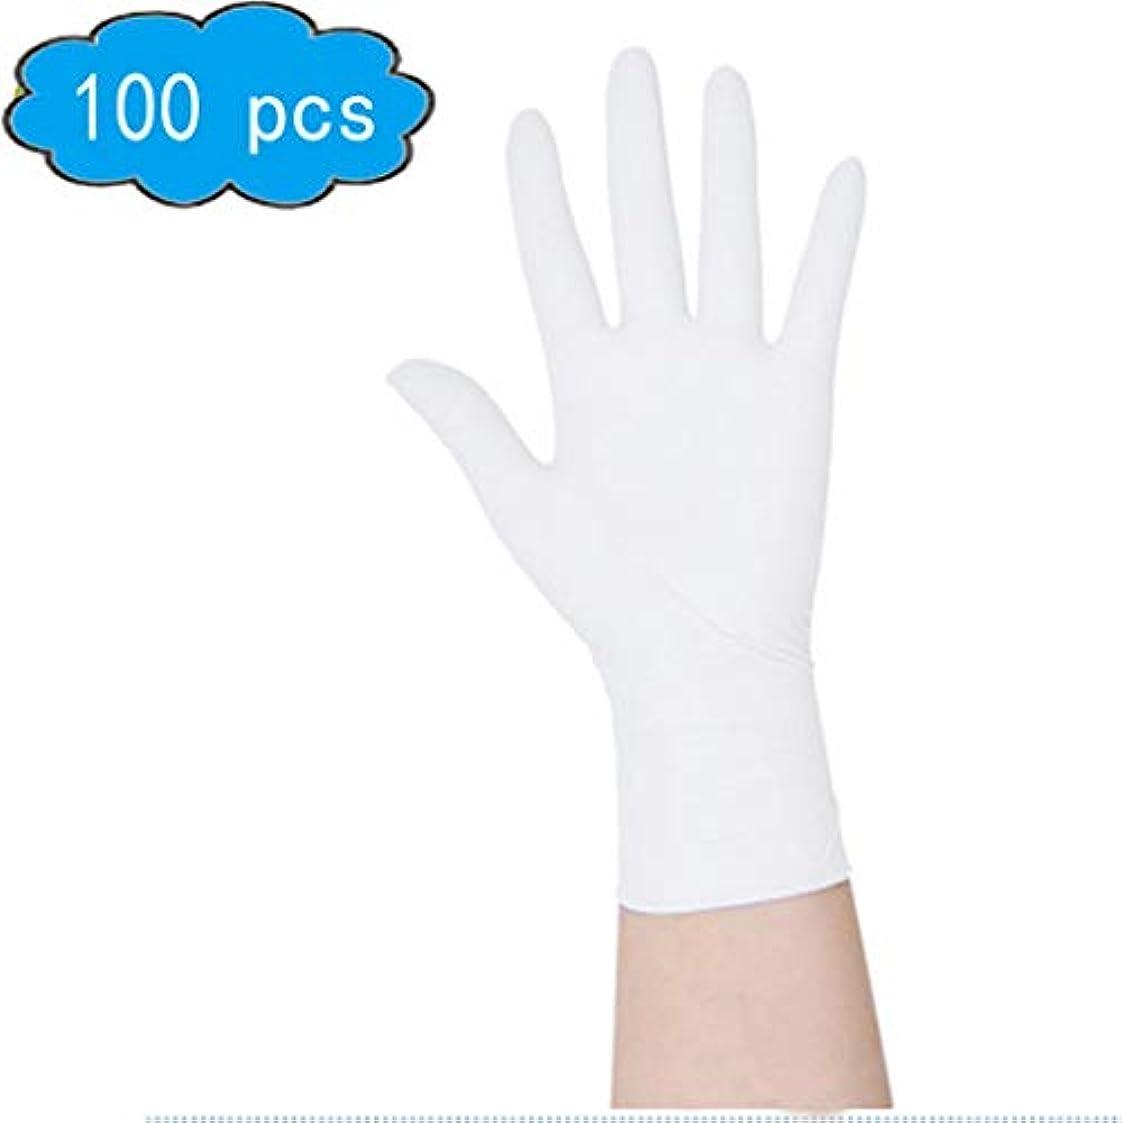 学部対処する精度使い捨てラテックス検査用手袋、使い捨て、使えるフリーサイズニトリルクリーニンググローブ(100カウント) (Color : White, Size : L)